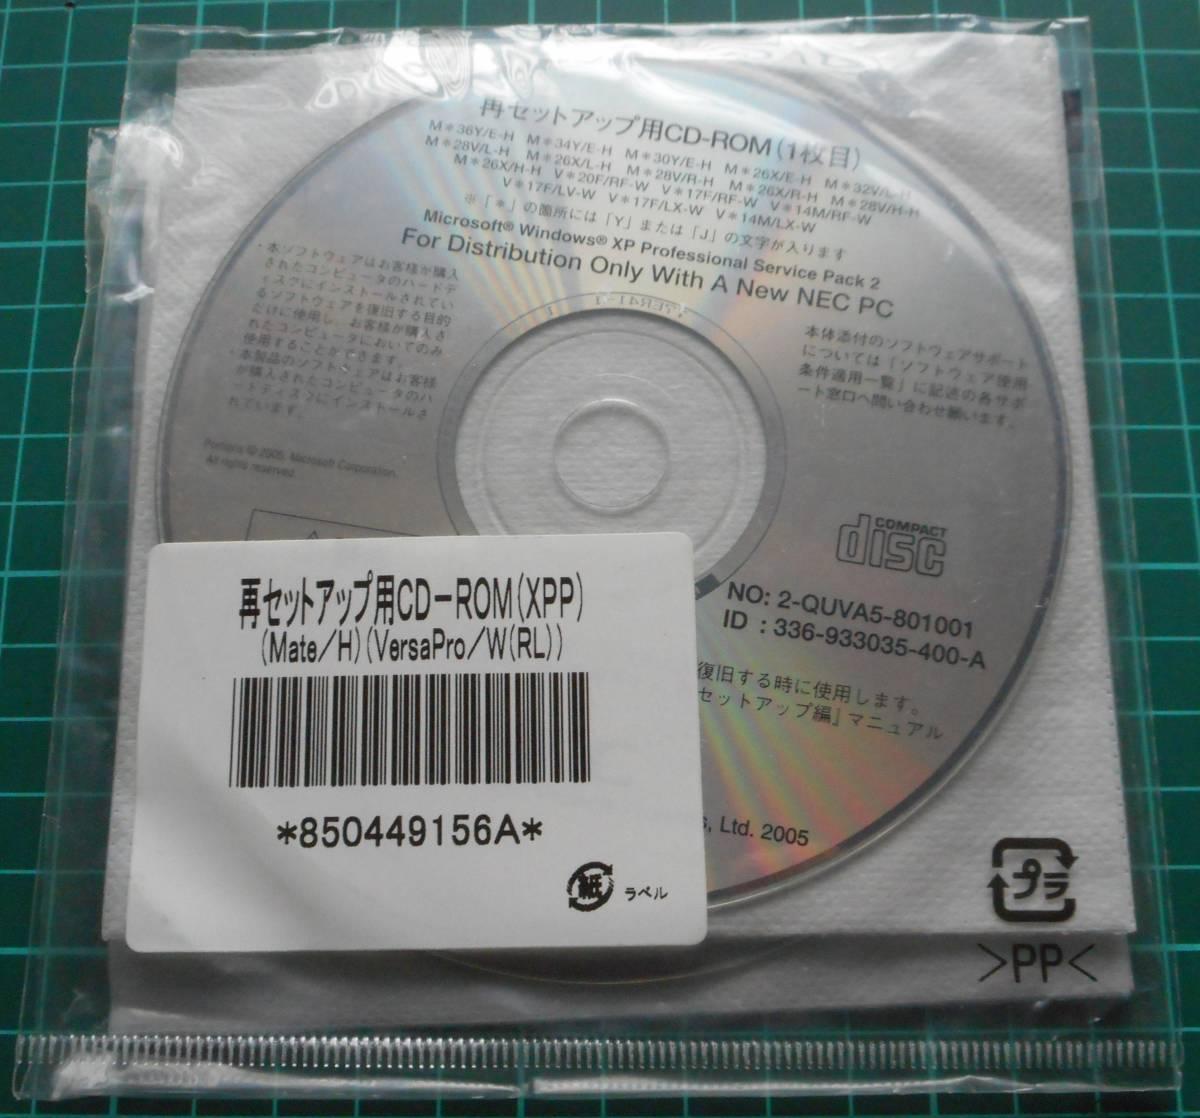 NEC 再セットアップCD-ROM 4枚組 未開封 中古(管17)_画像1